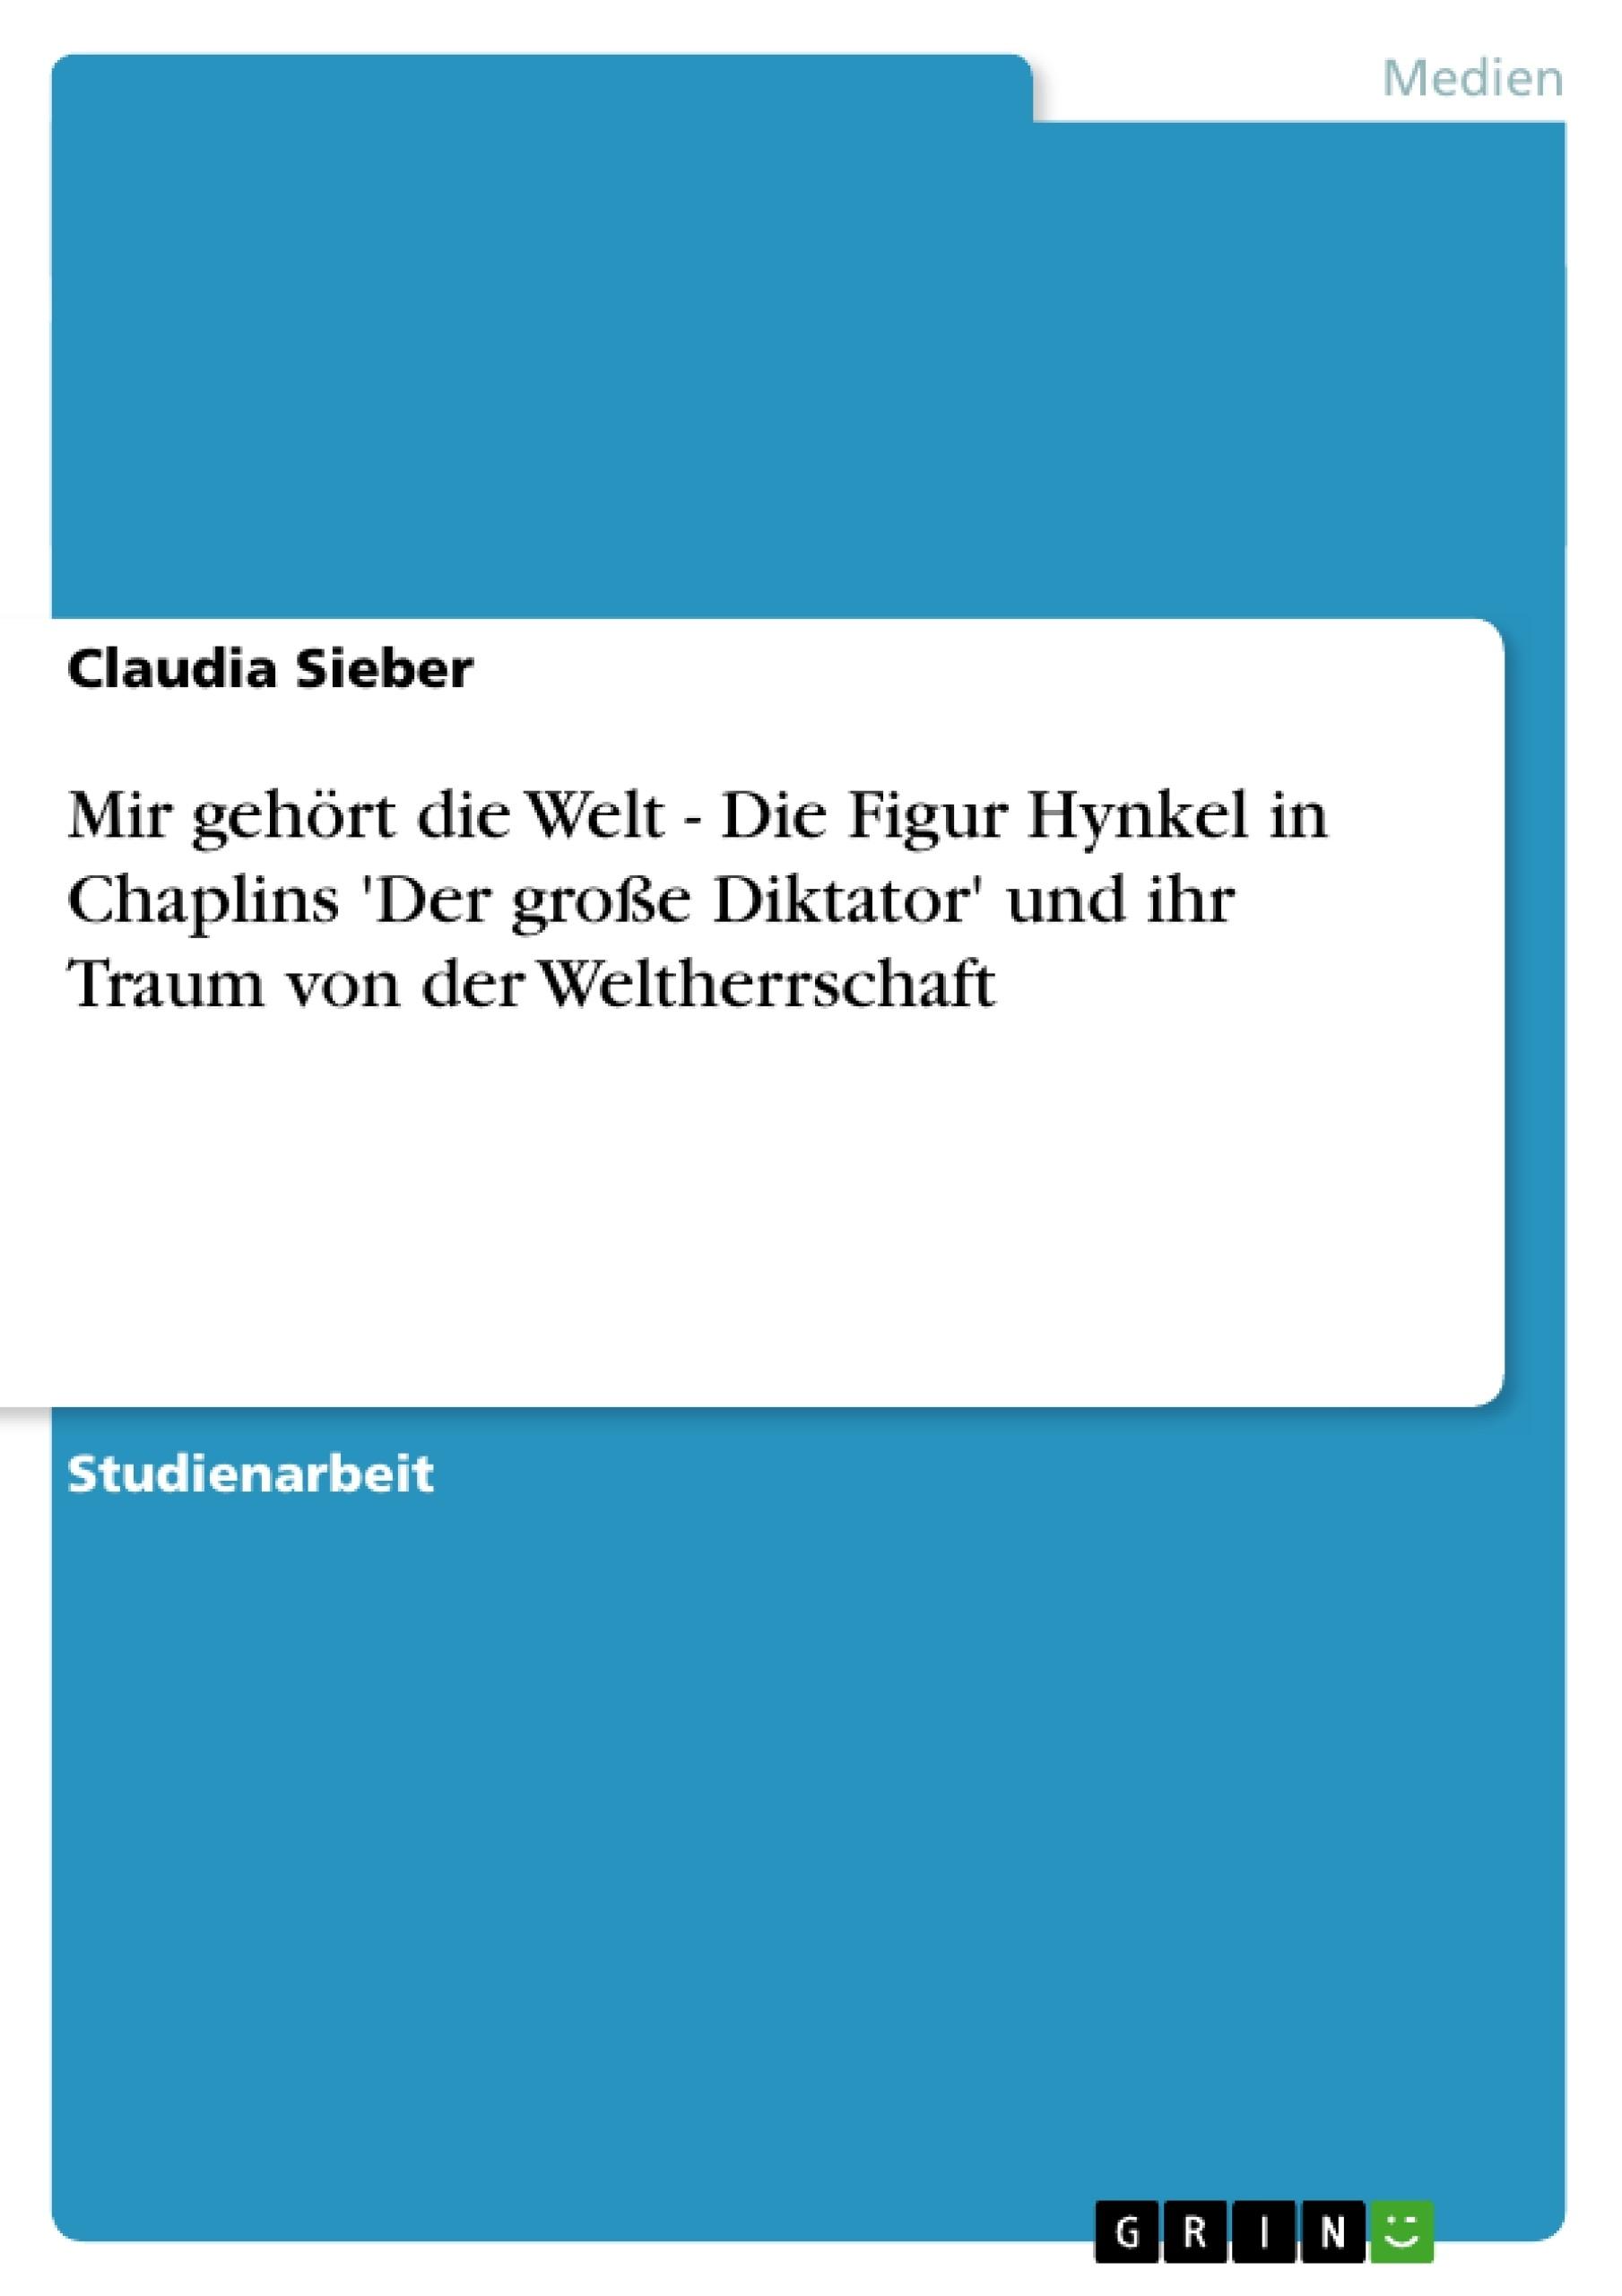 Titel: Mir  gehört die Welt - Die Figur Hynkel in Chaplins 'Der große Diktator'  und ihr Traum von der Weltherrschaft